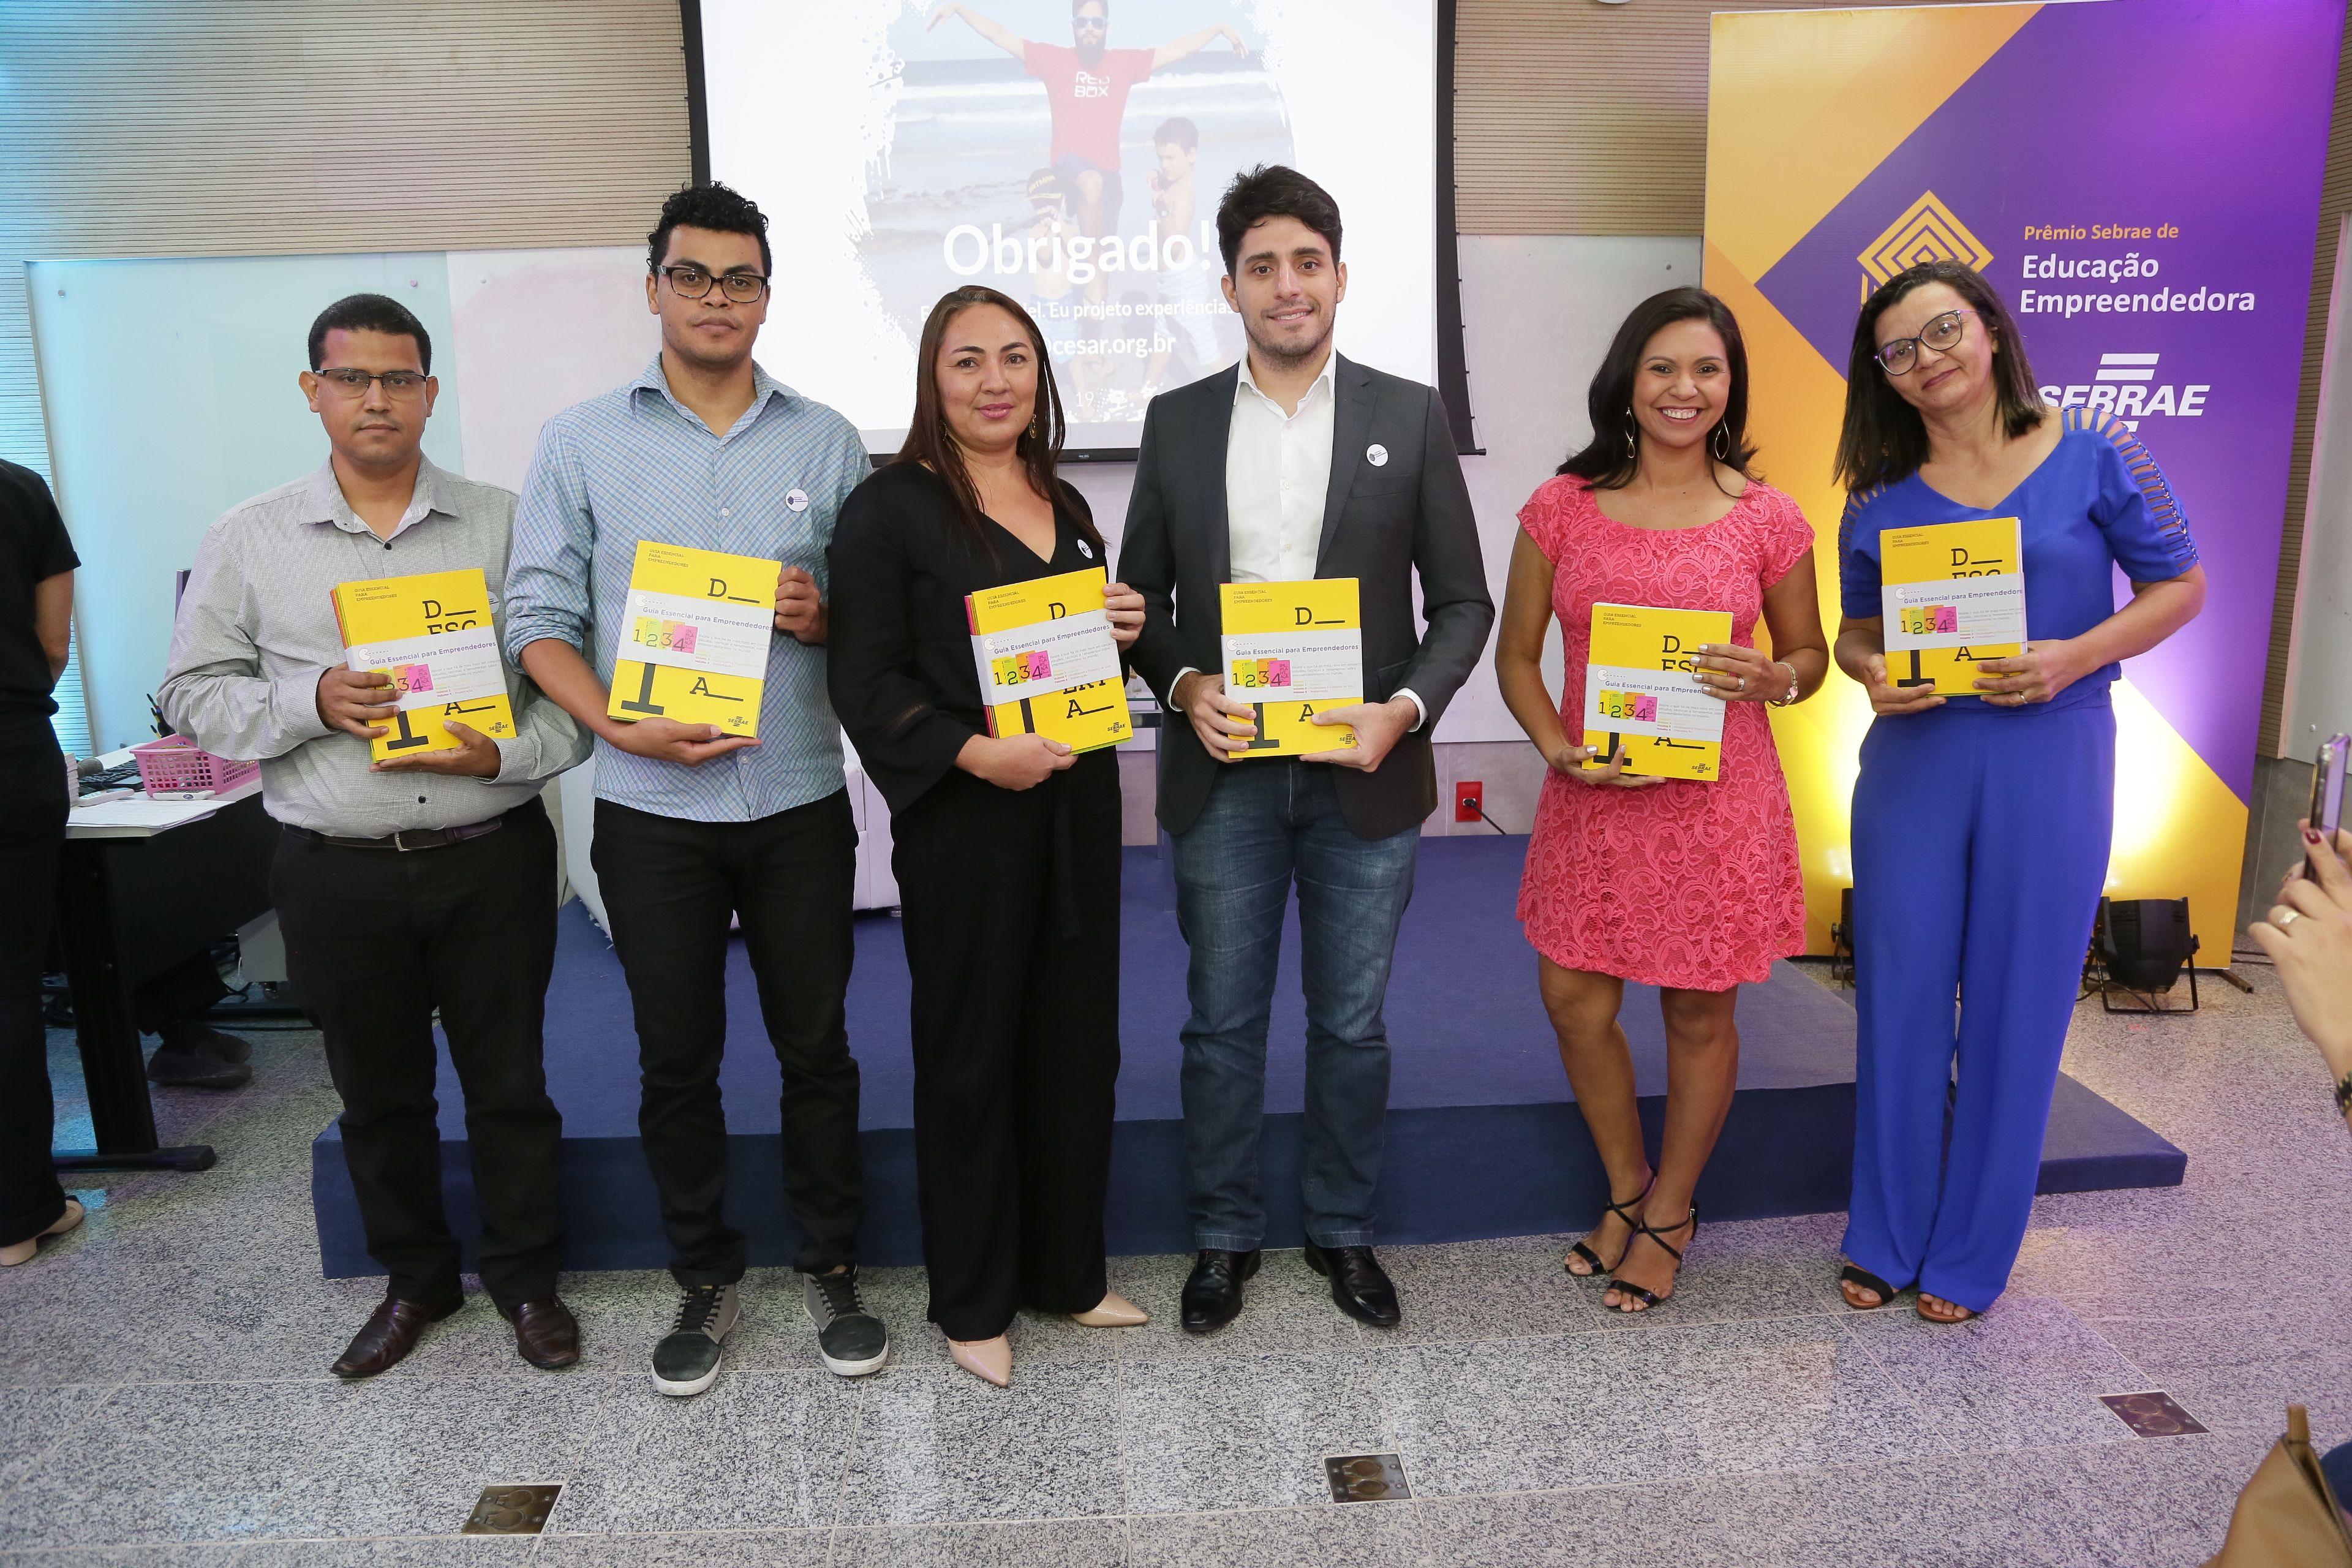 Escola de Tacaimbó recebe prêmio estadual de educação empreendedora